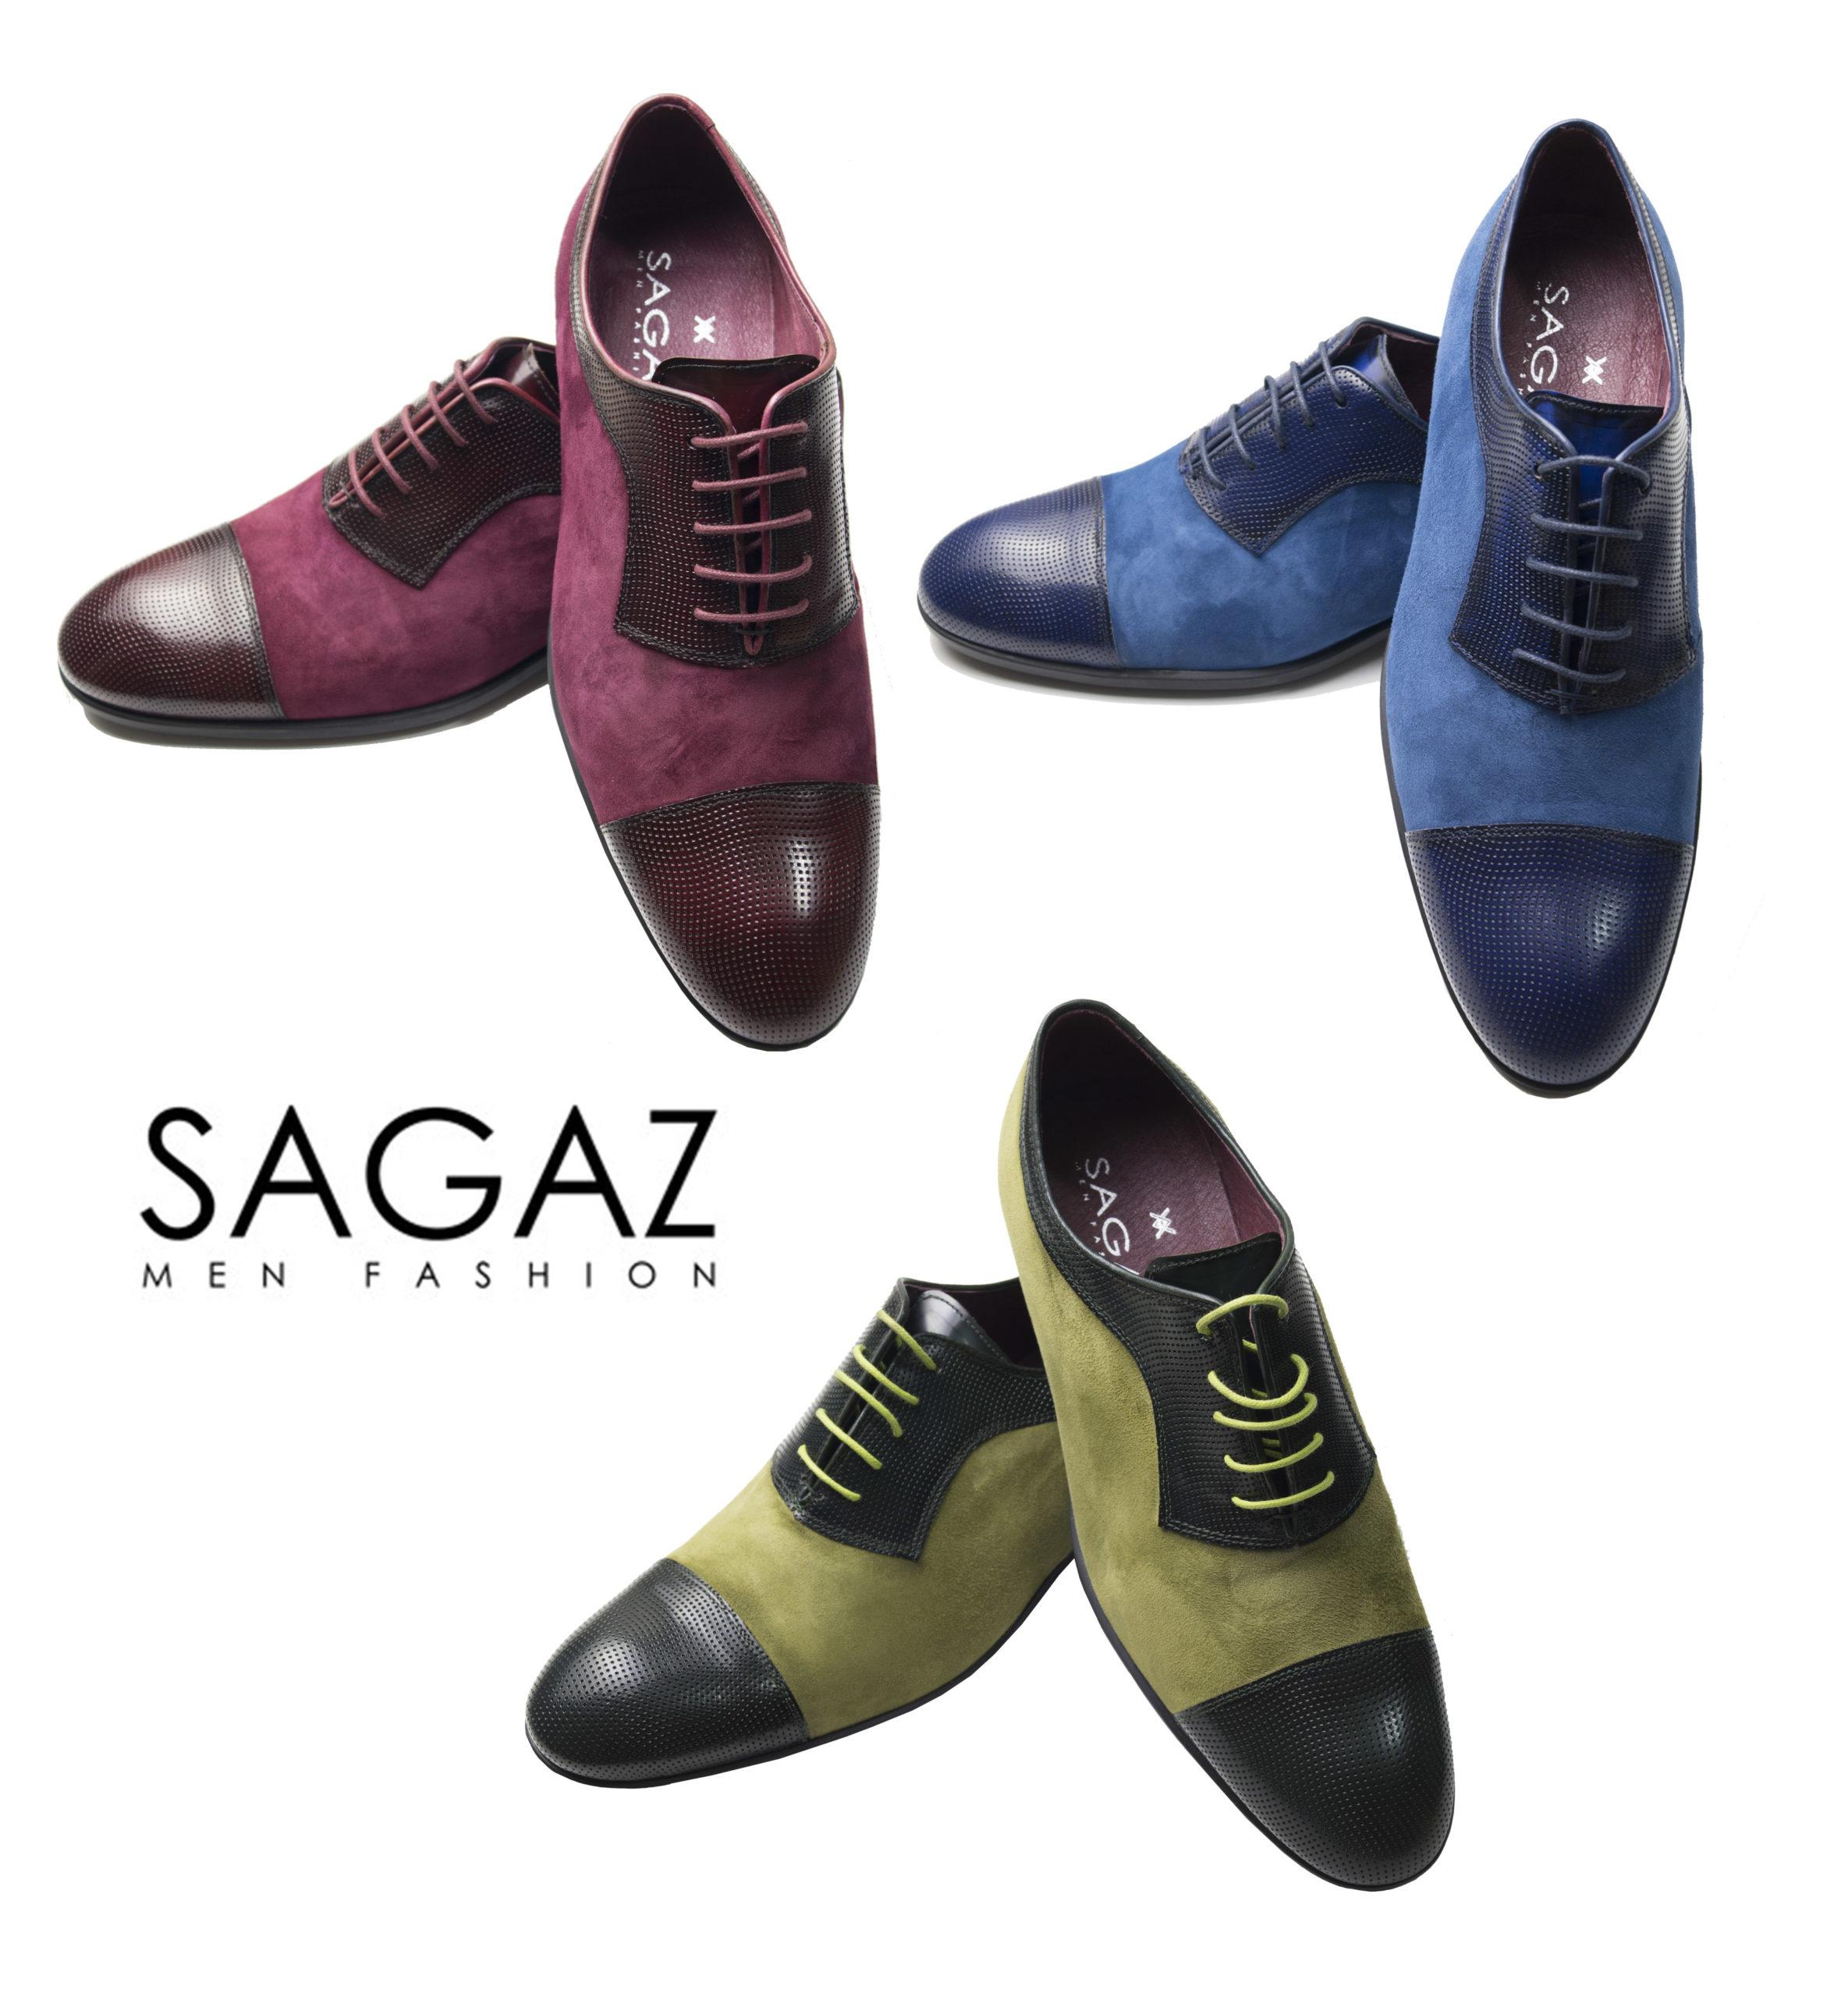 Zapatos serie limitada #soysagaz